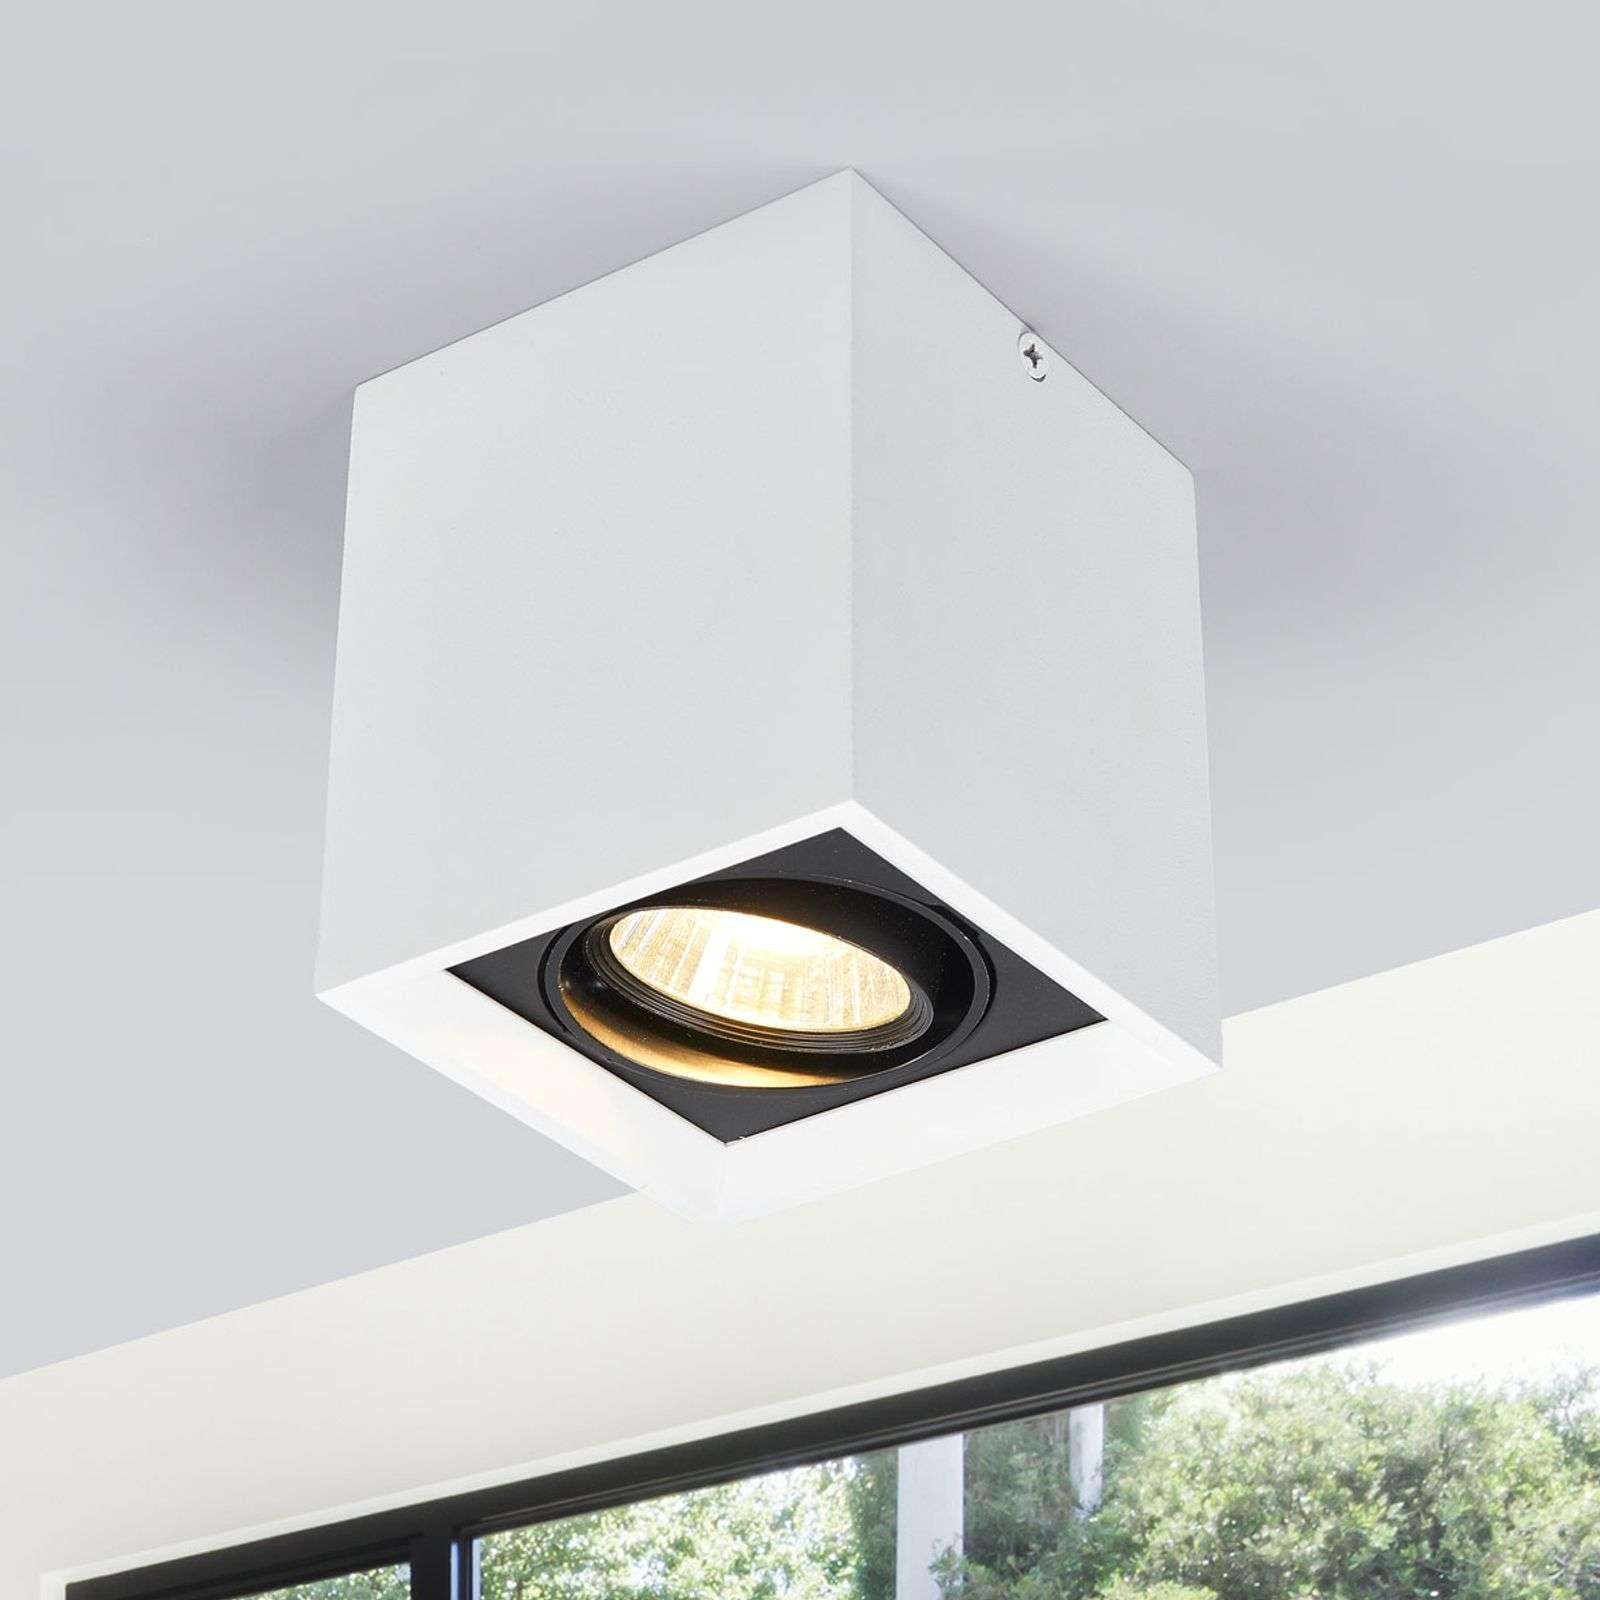 Bílé LED svítidlo downlight Loreen